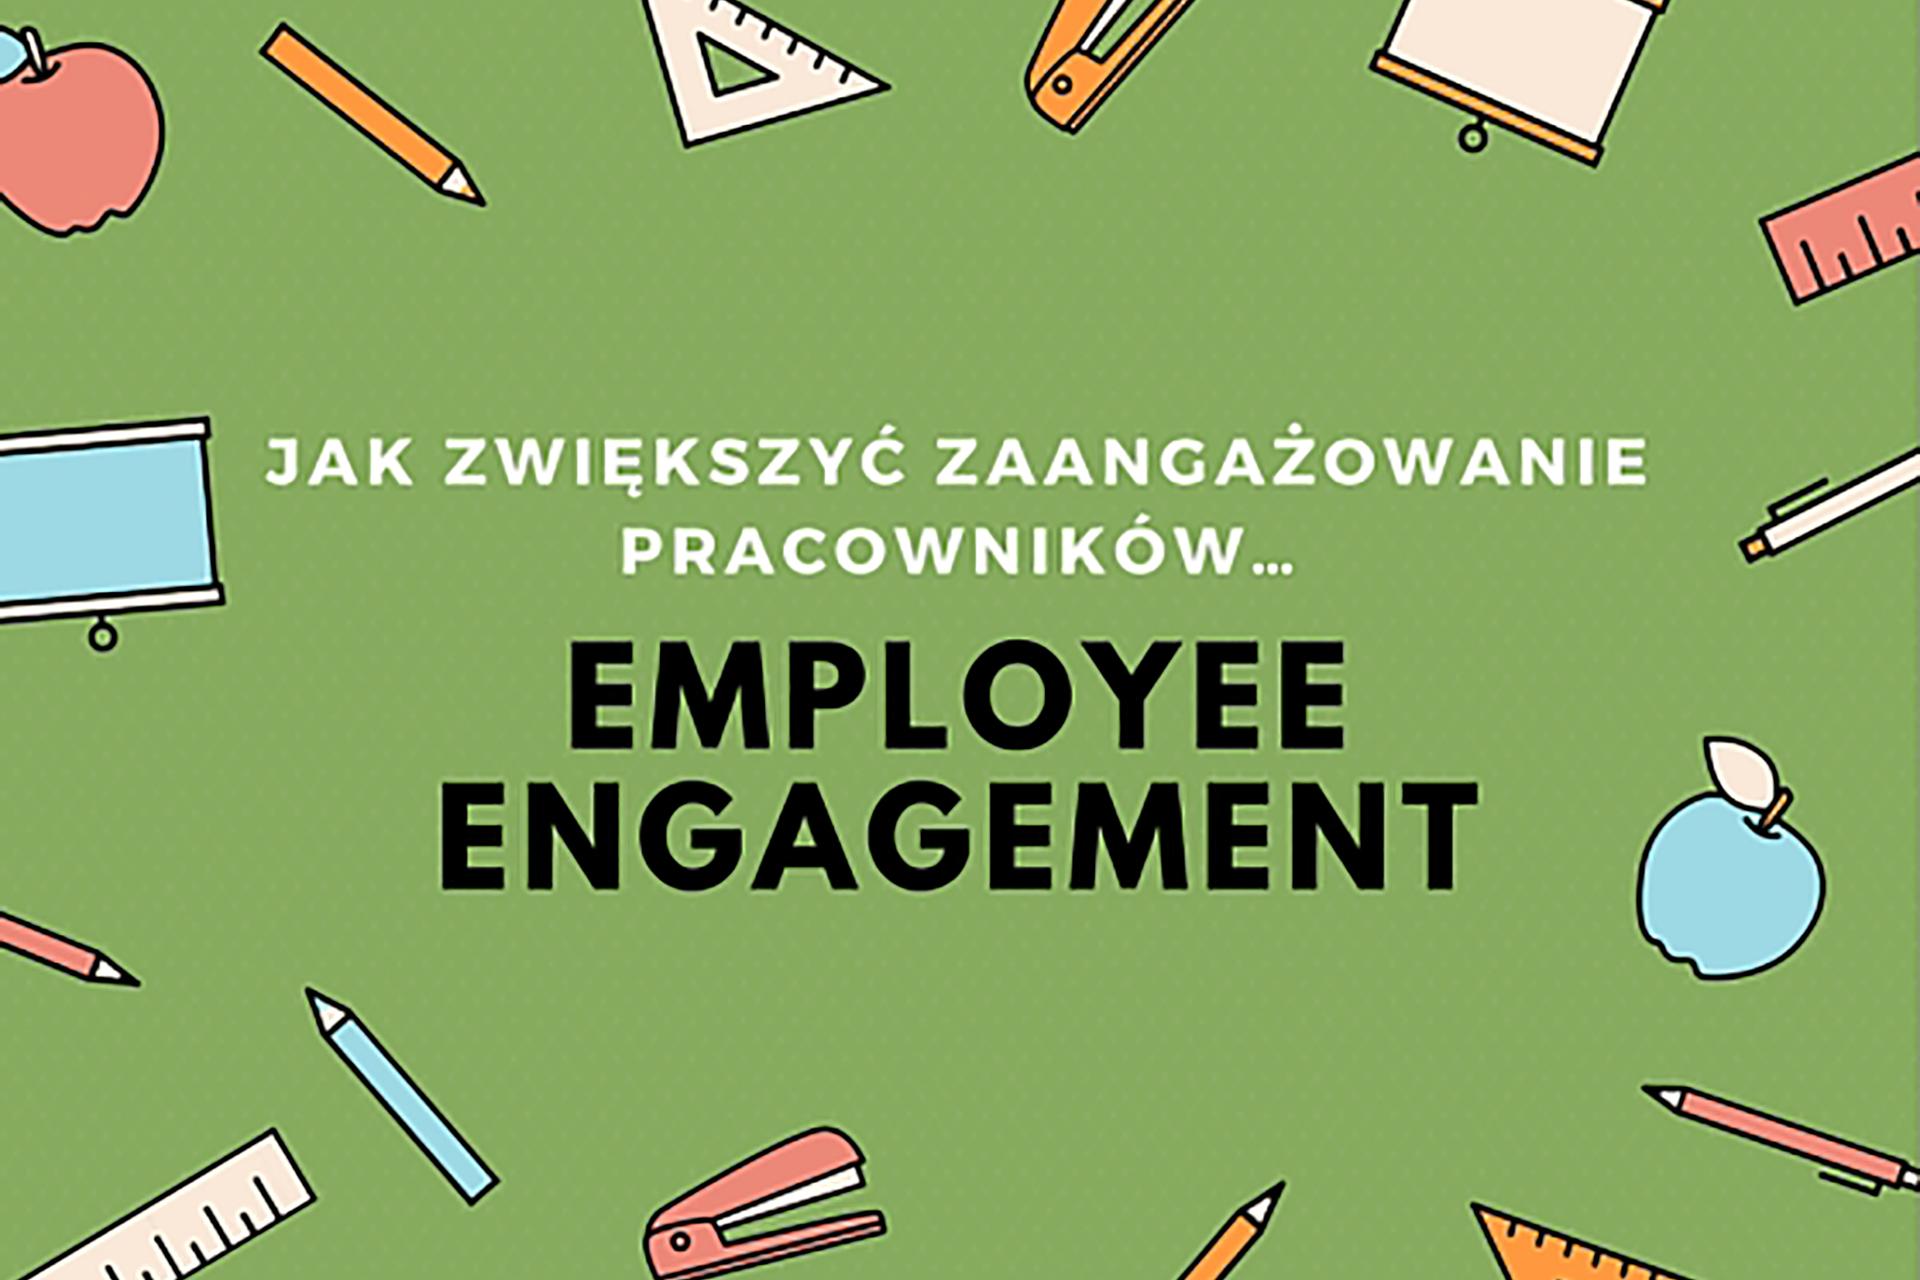 Employee engagement - zaangazowanie pracownikow